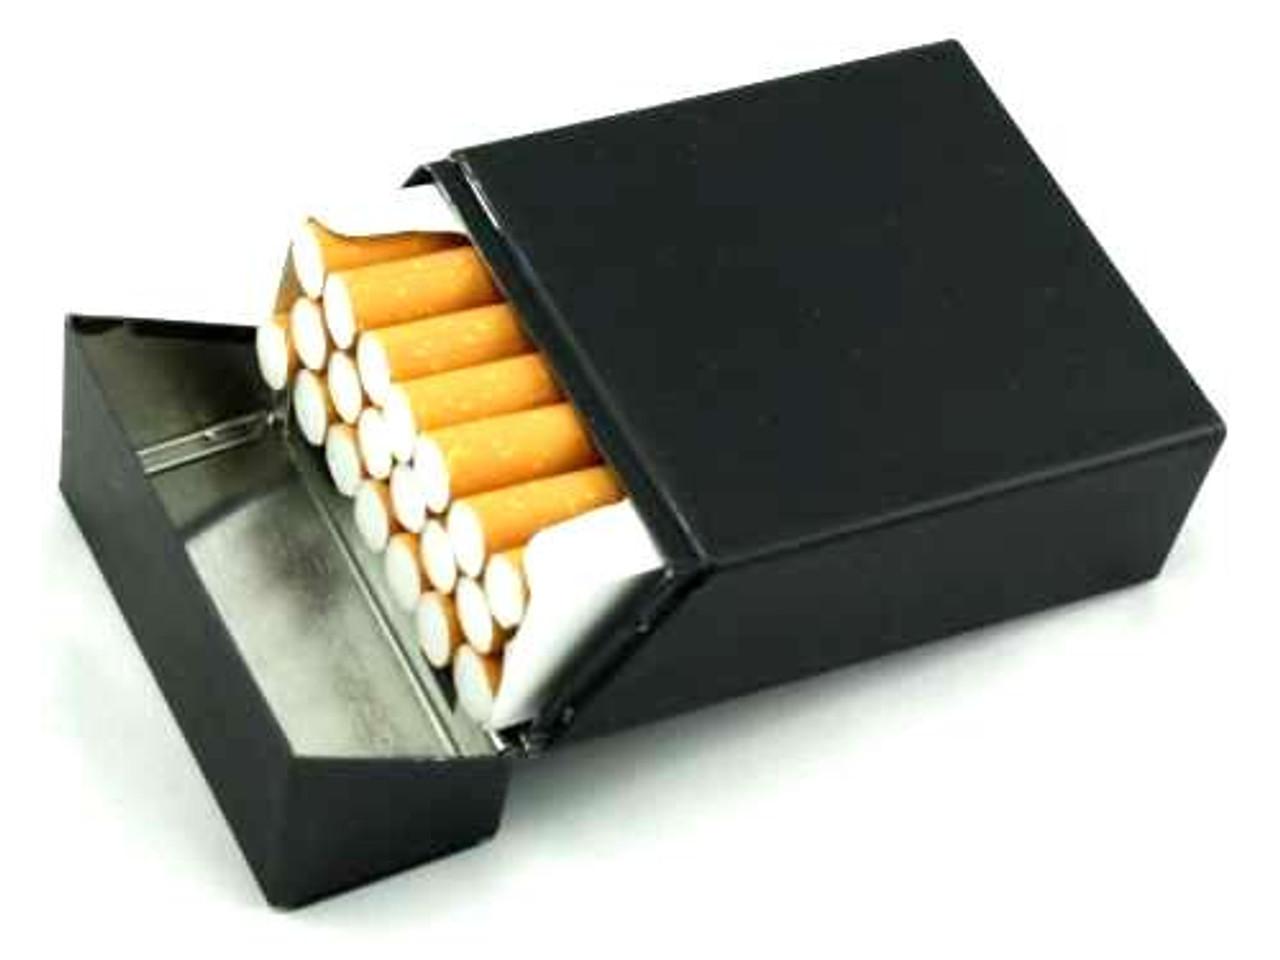 Black PC Cigarette Pack Holder